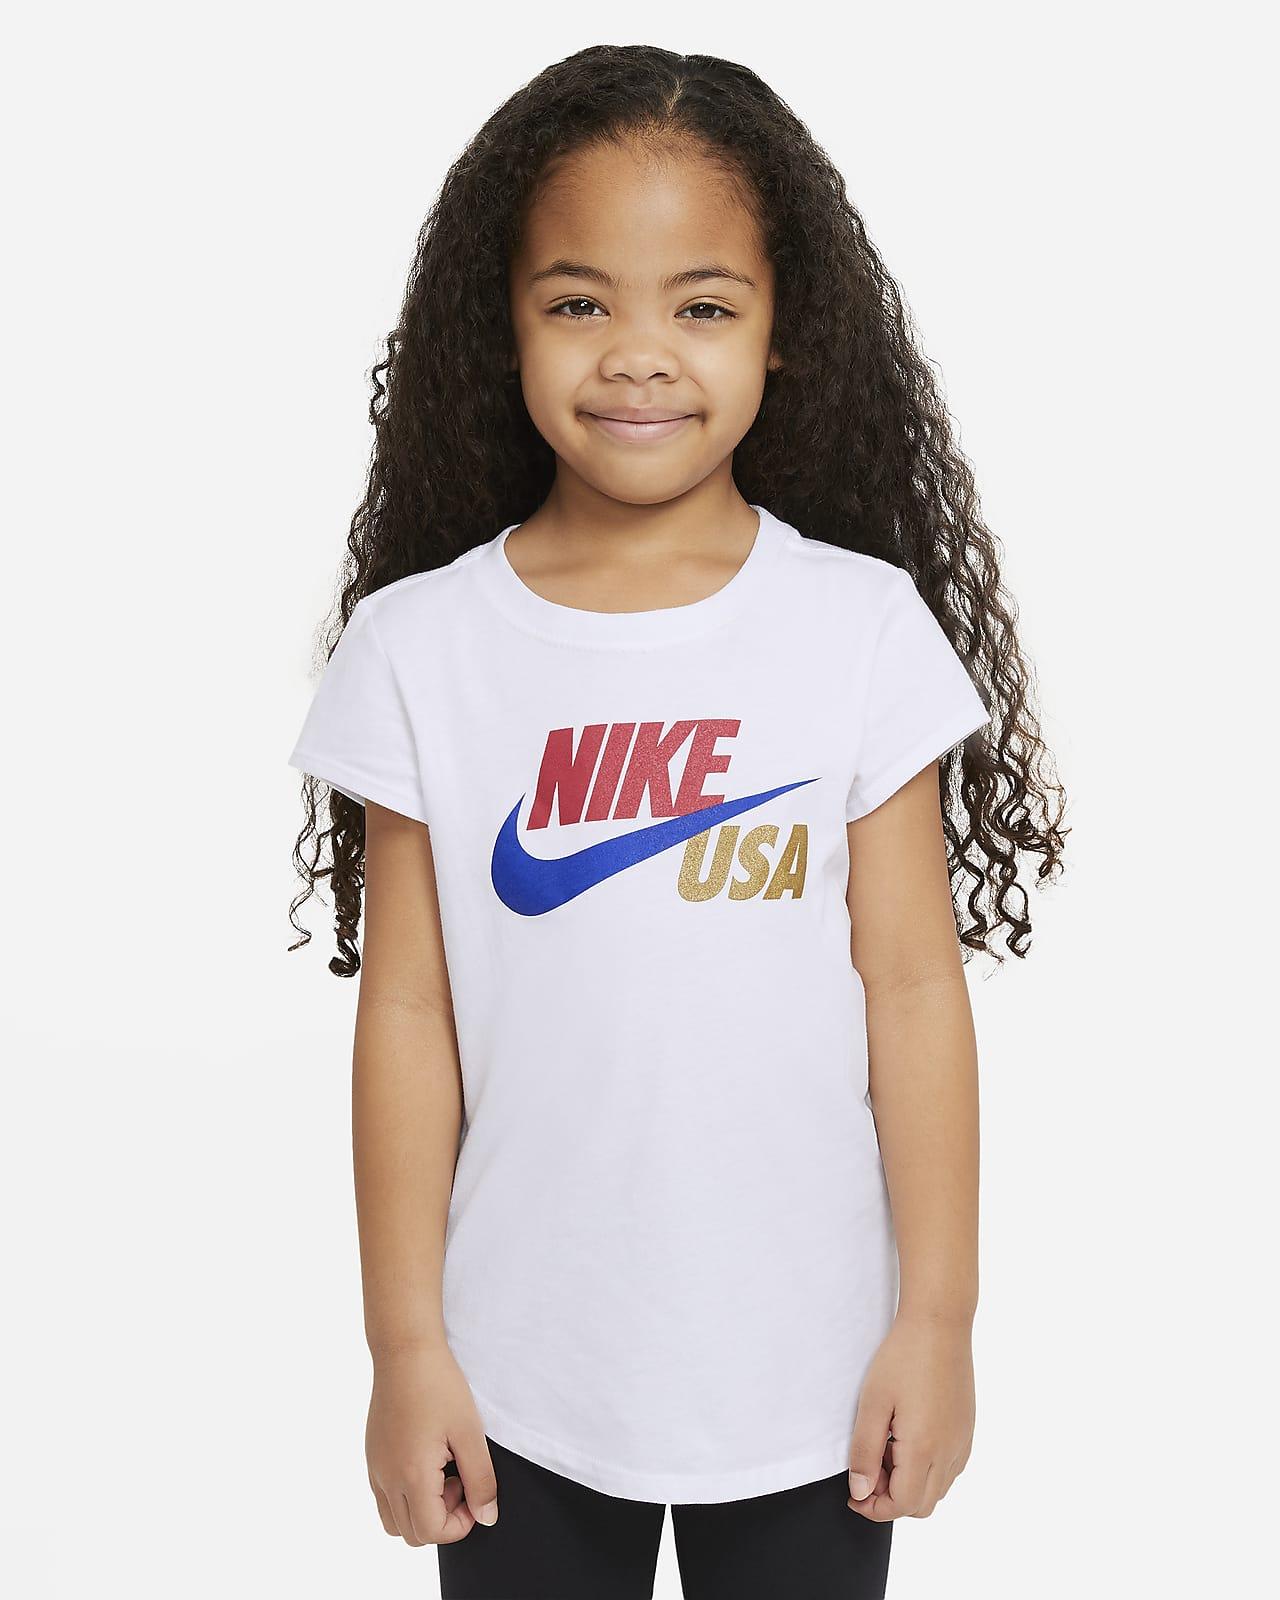 Nike Little Kids' (Girls') T-Shirt